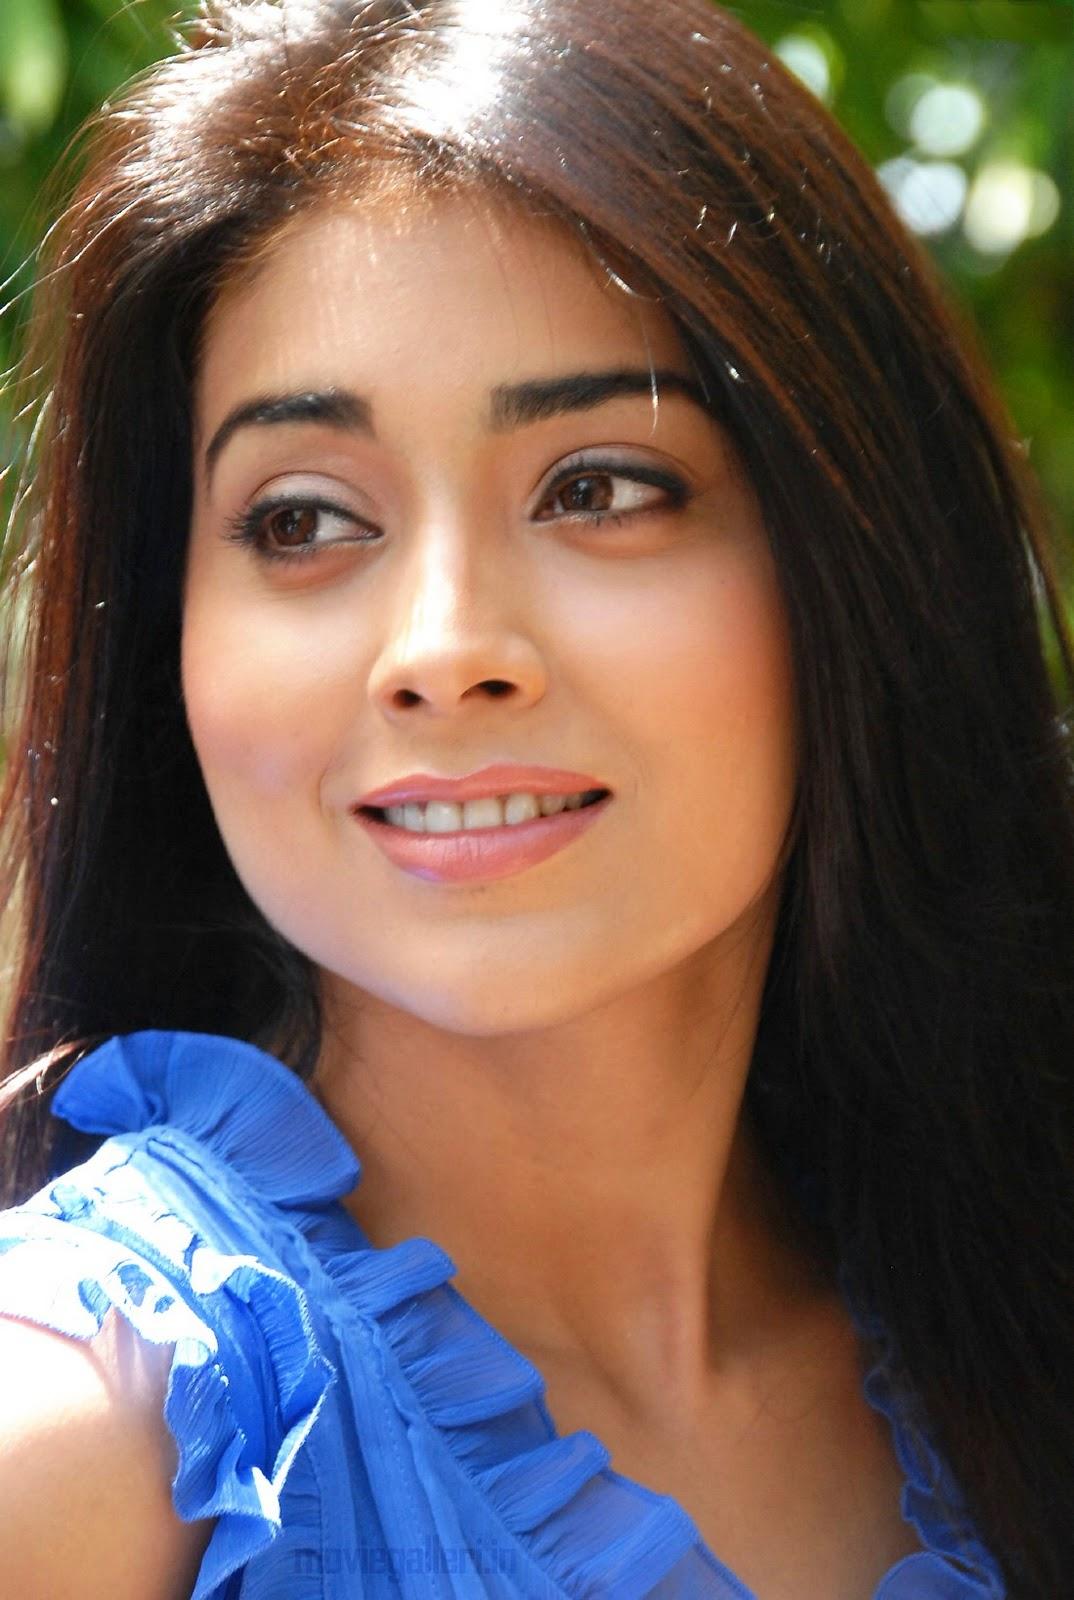 Cute Lips Hd Wallpapers Hot Bollywood Actress Wallpapers Amp Videos Shriya Saran